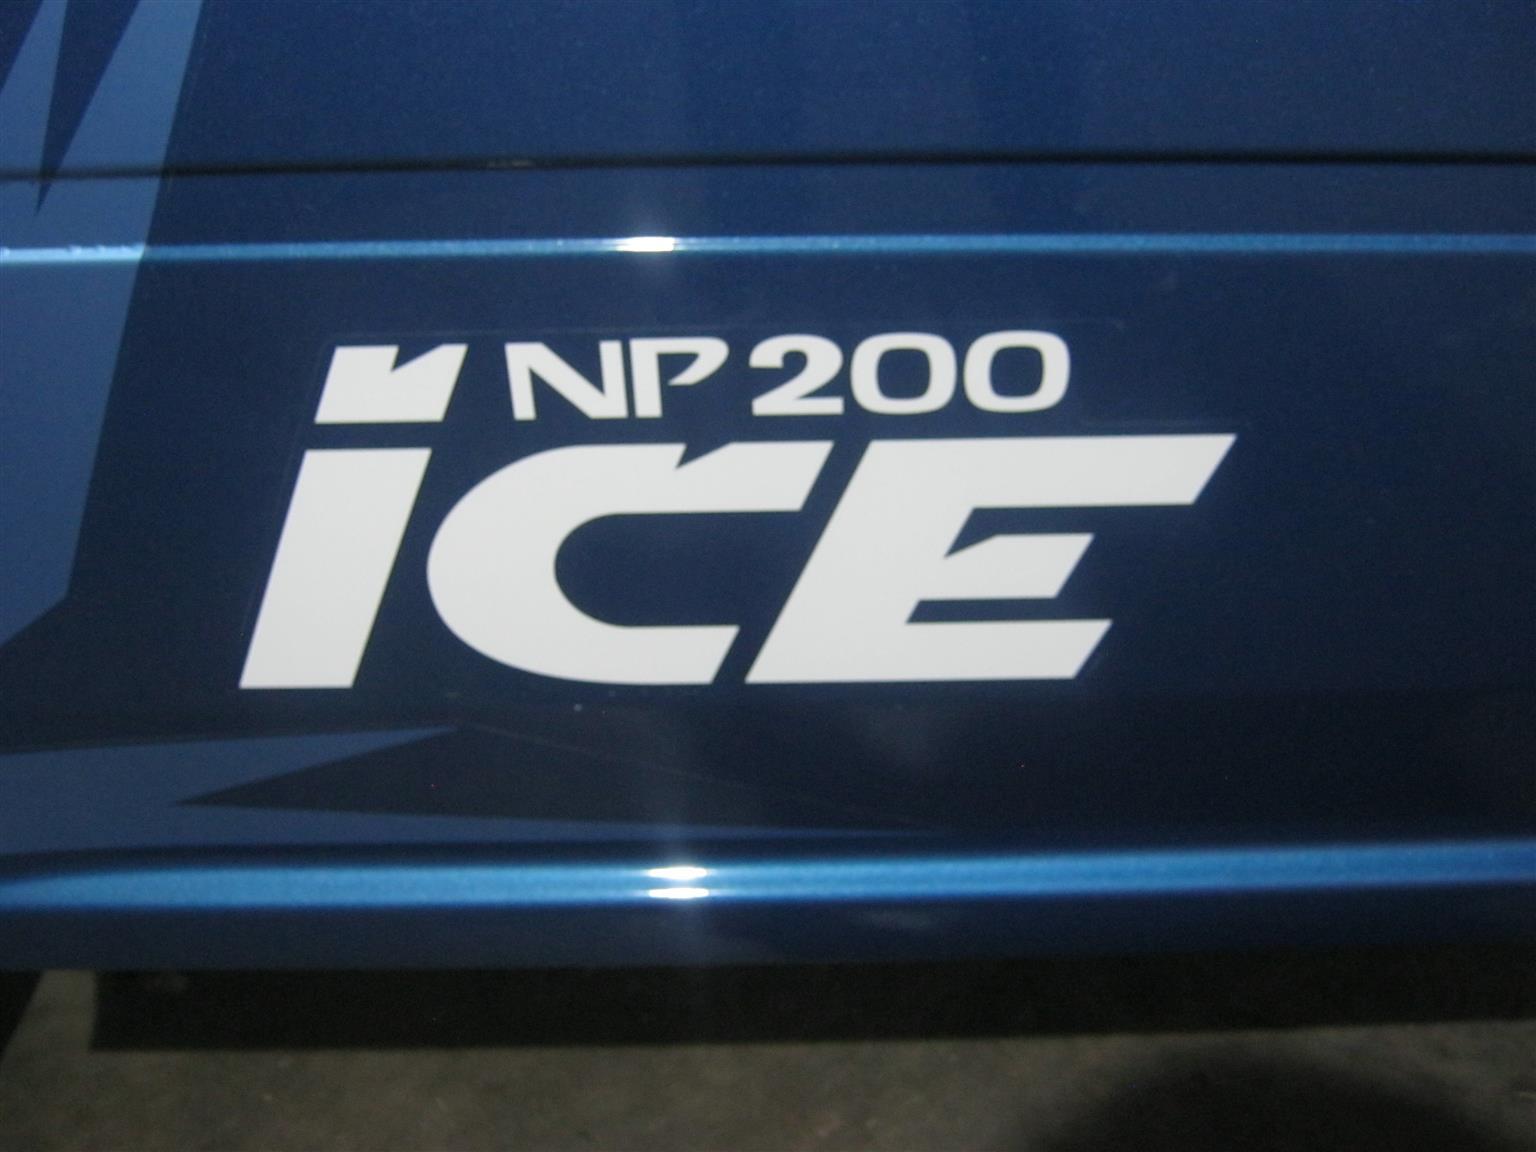 2017 Nissan NP200 1.6i iCE